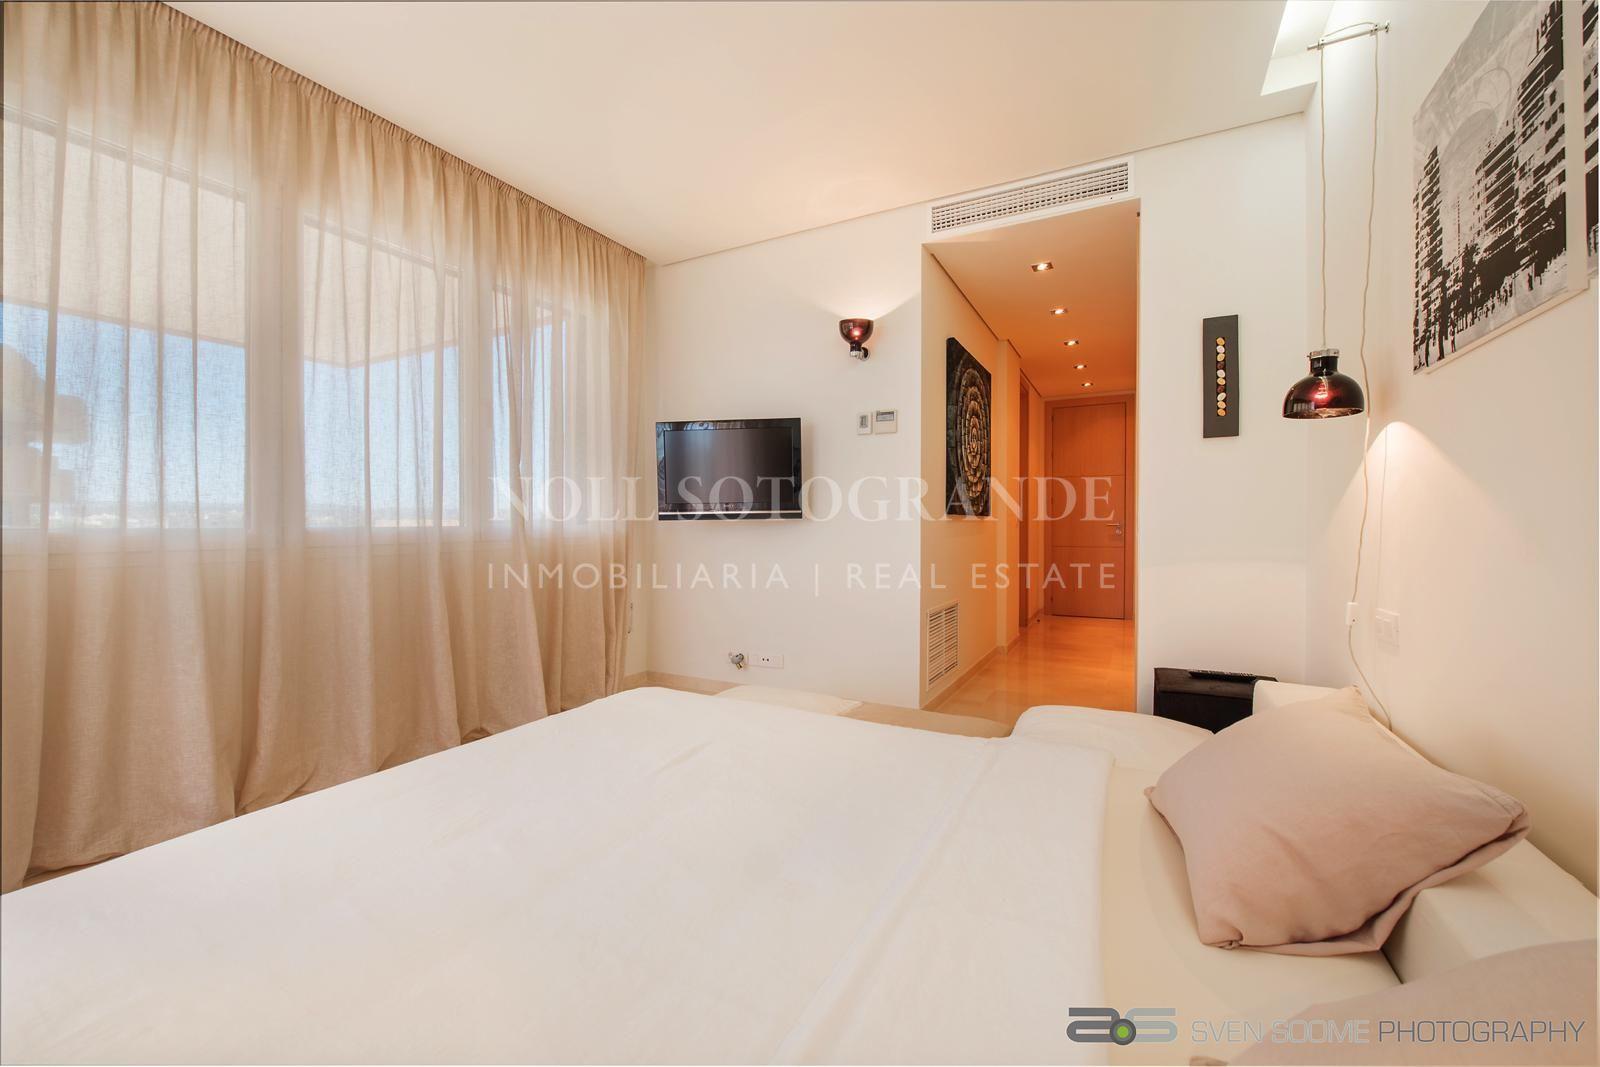 Marina Sotogrande, Apartment in Ribera del Marlin for sale